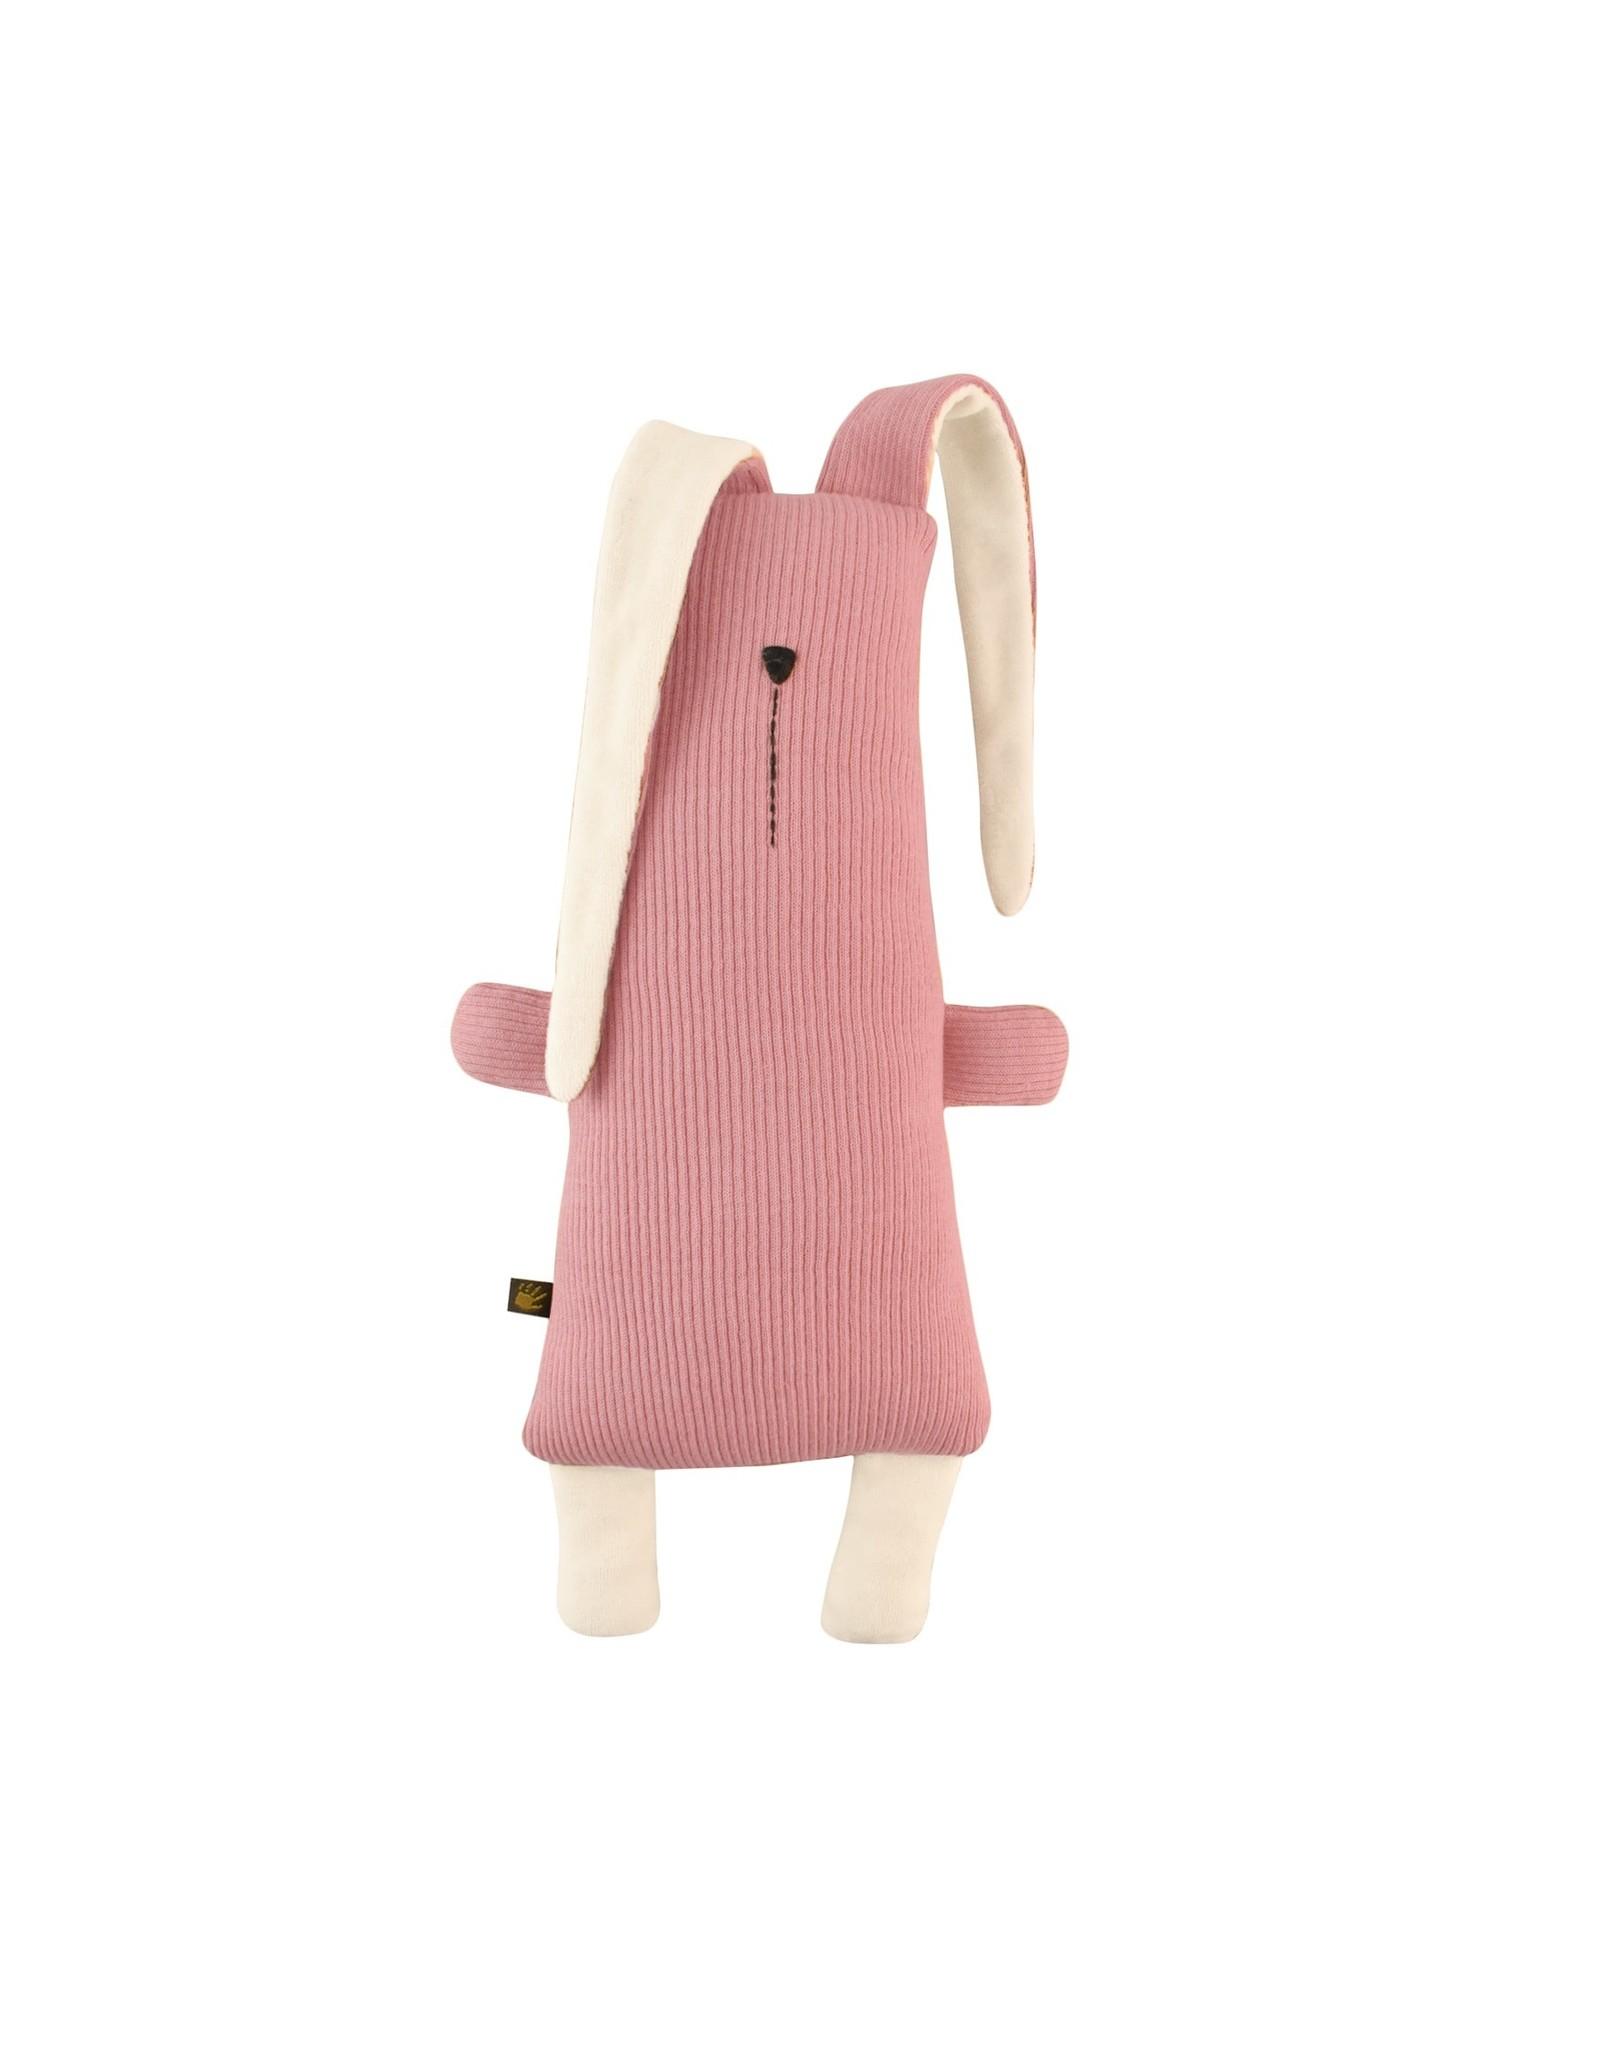 Forgaminnt Forgaminnt Grote Knuffel 32cm Bunny Ash Rose